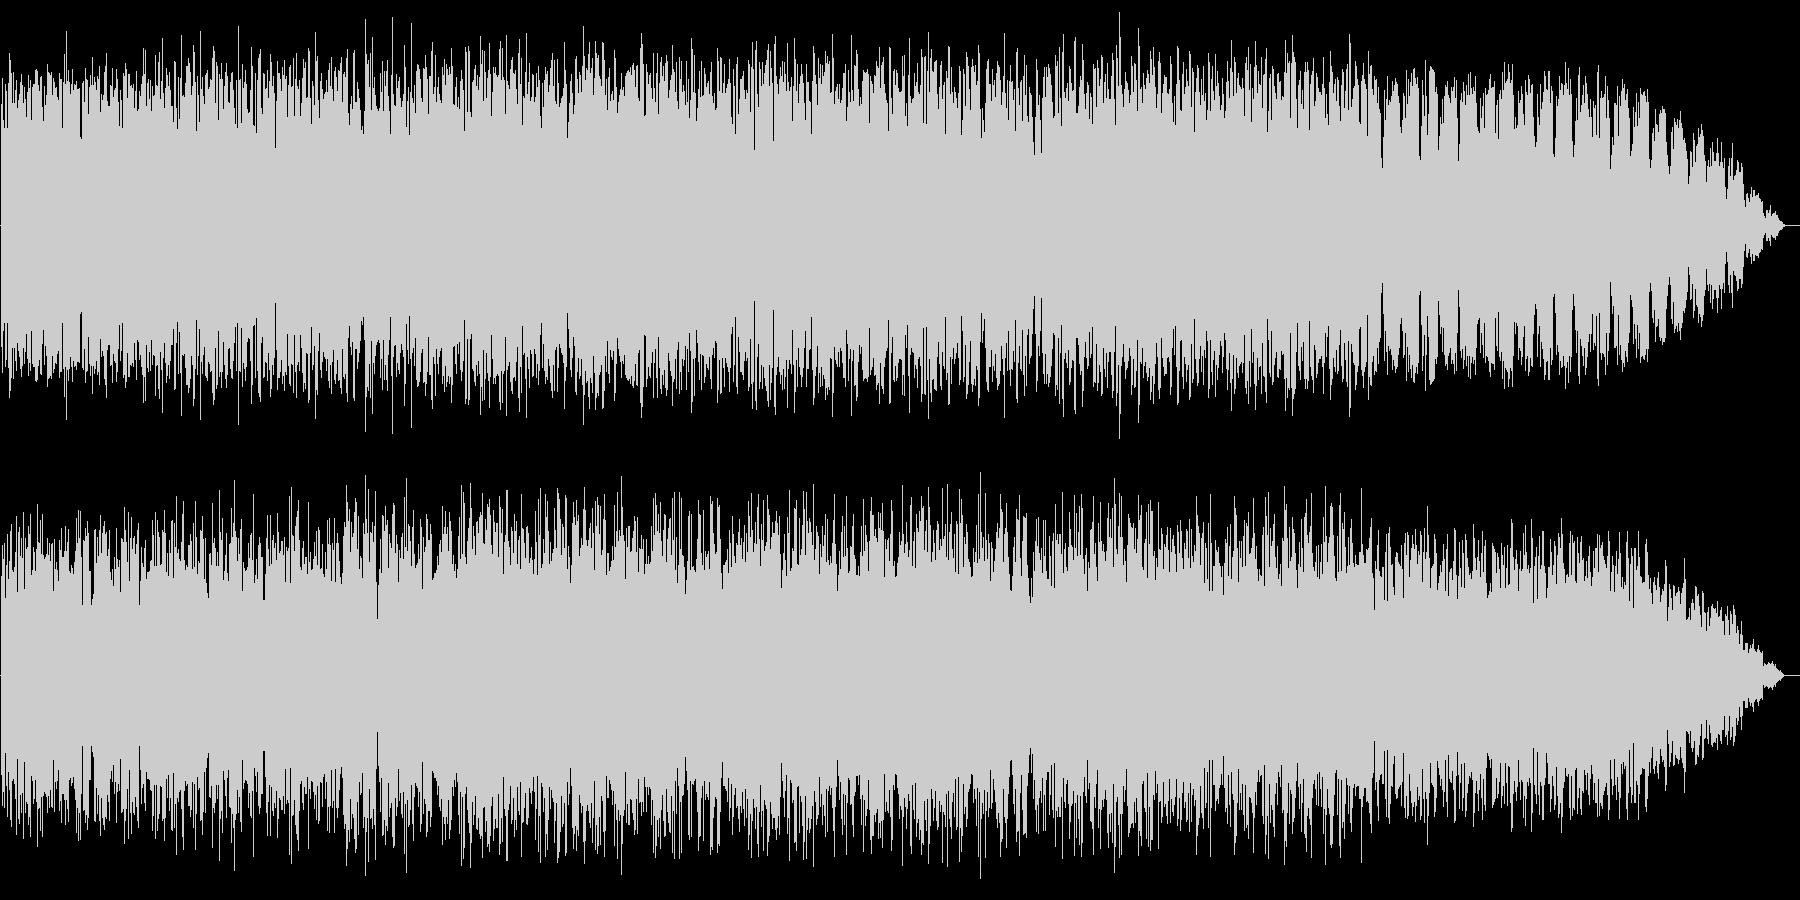 パーカッションとシンセサイザーのBGMの未再生の波形